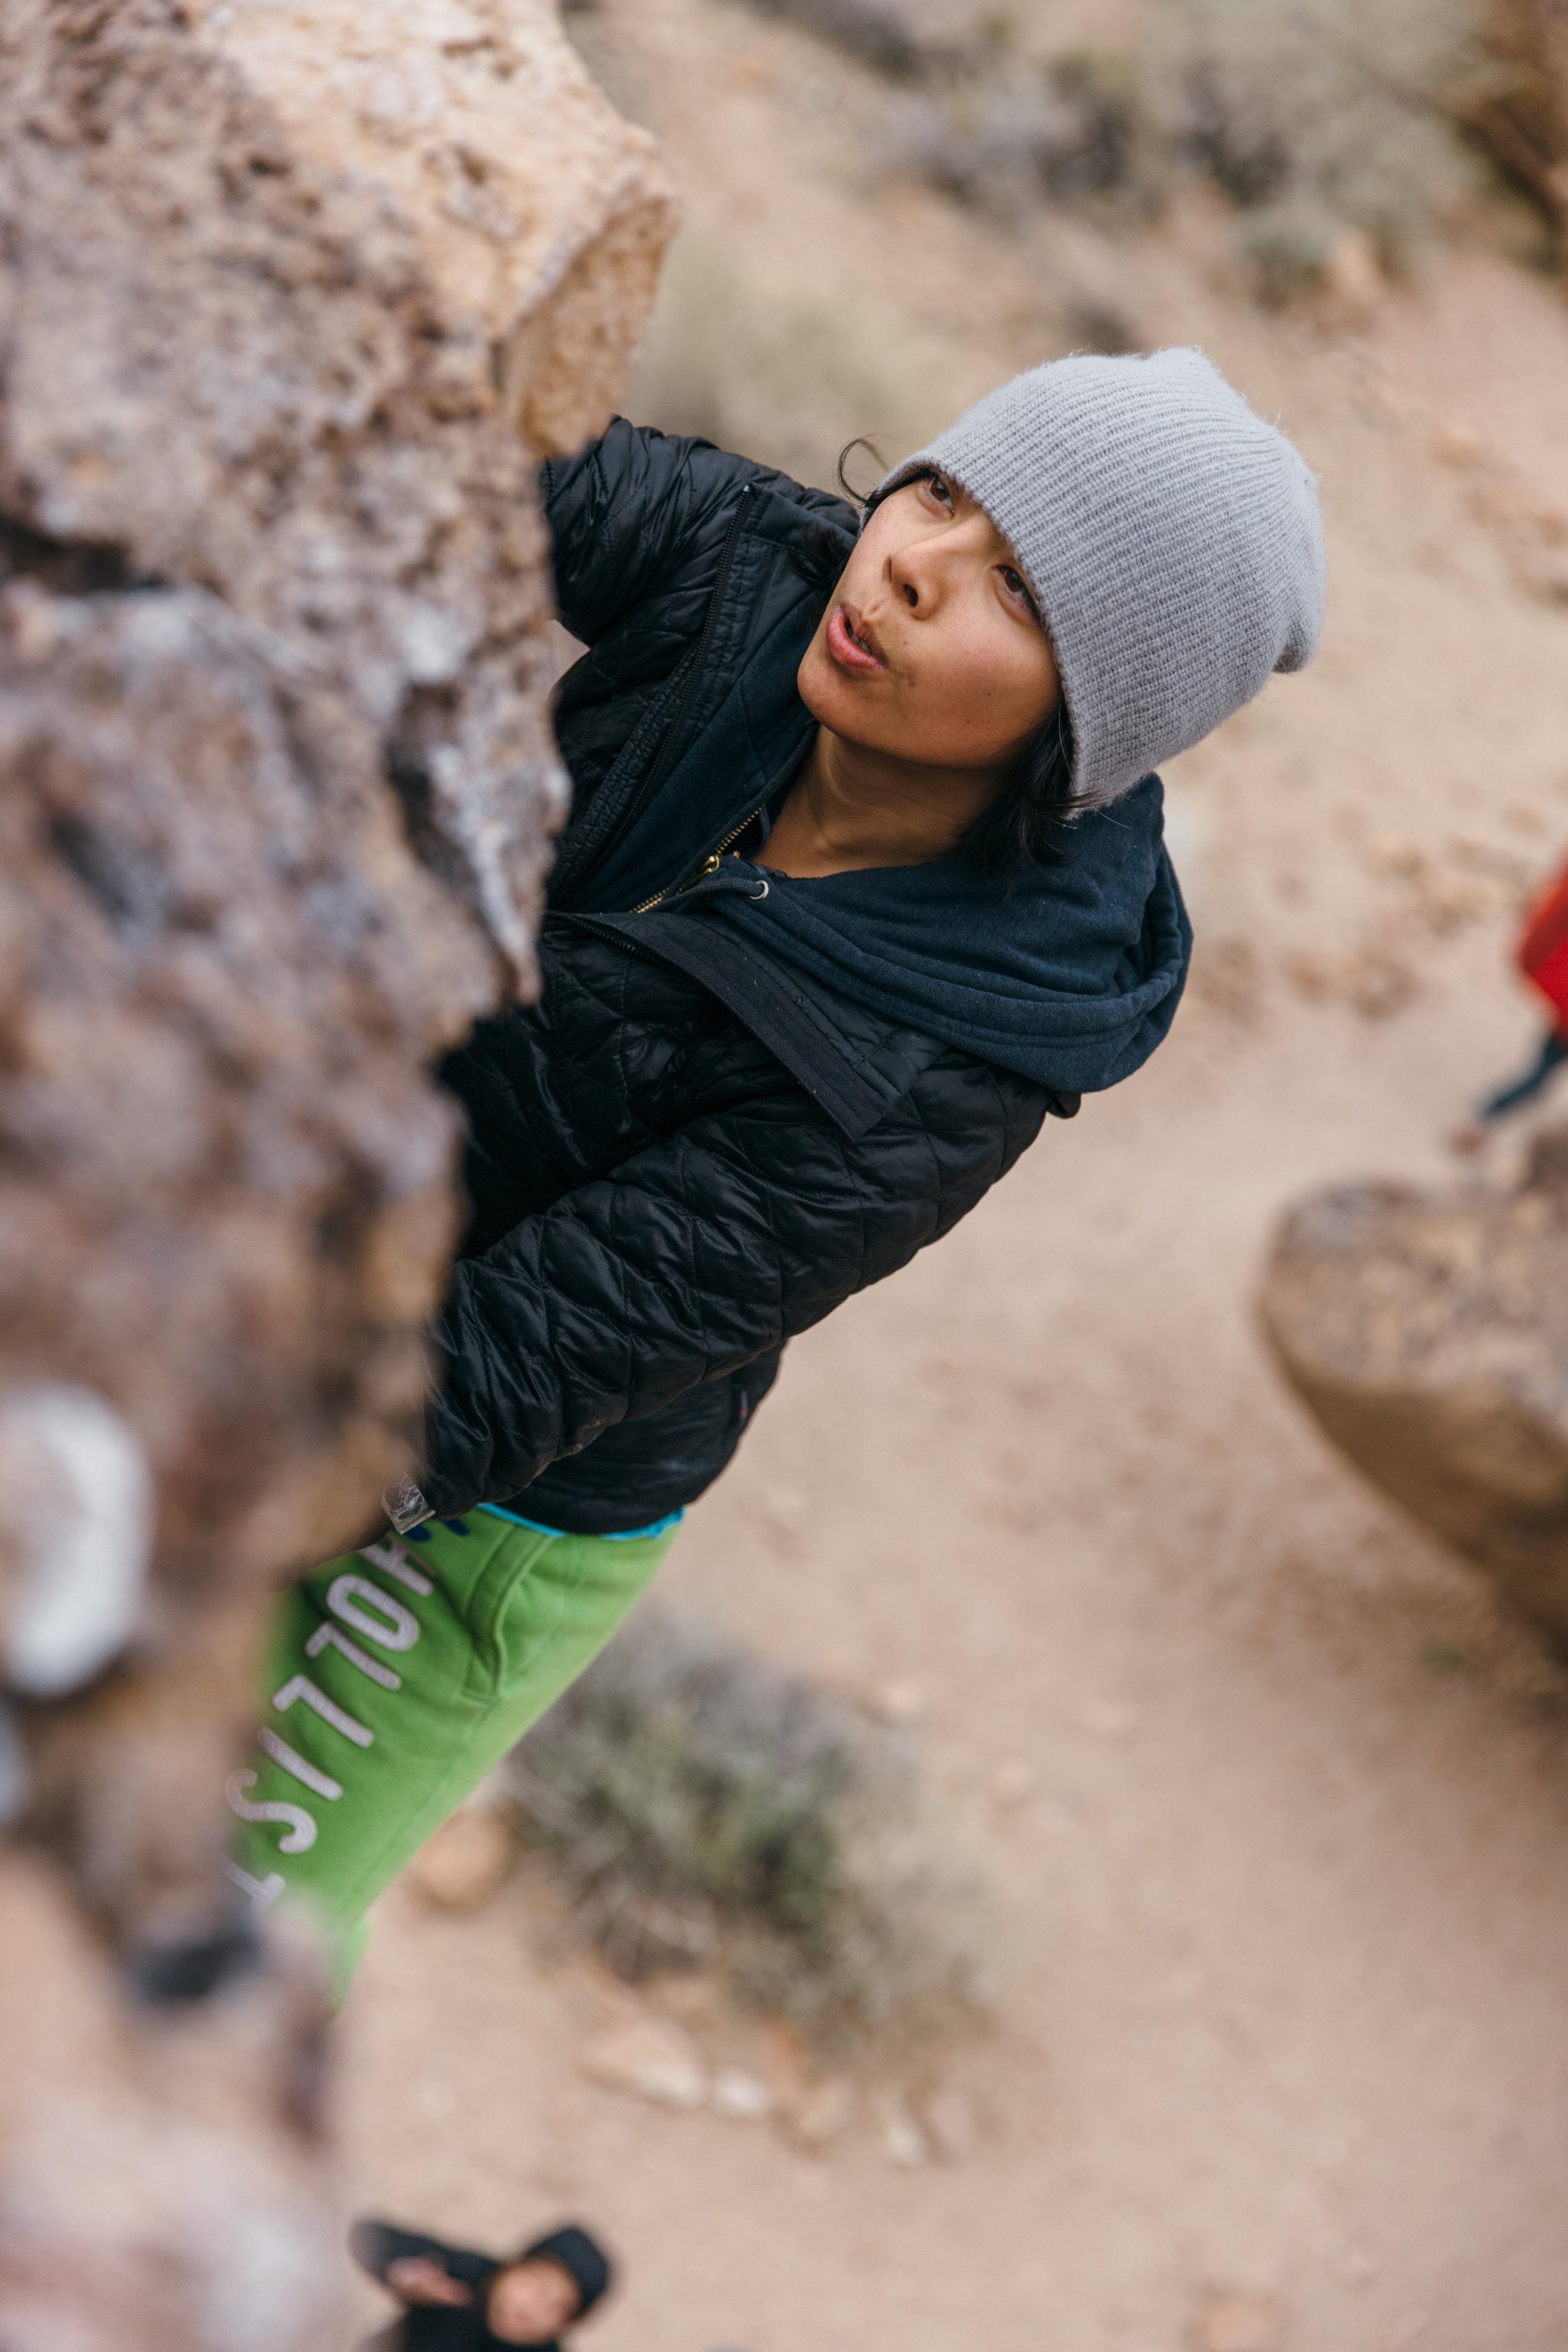 Climbing at the Happies